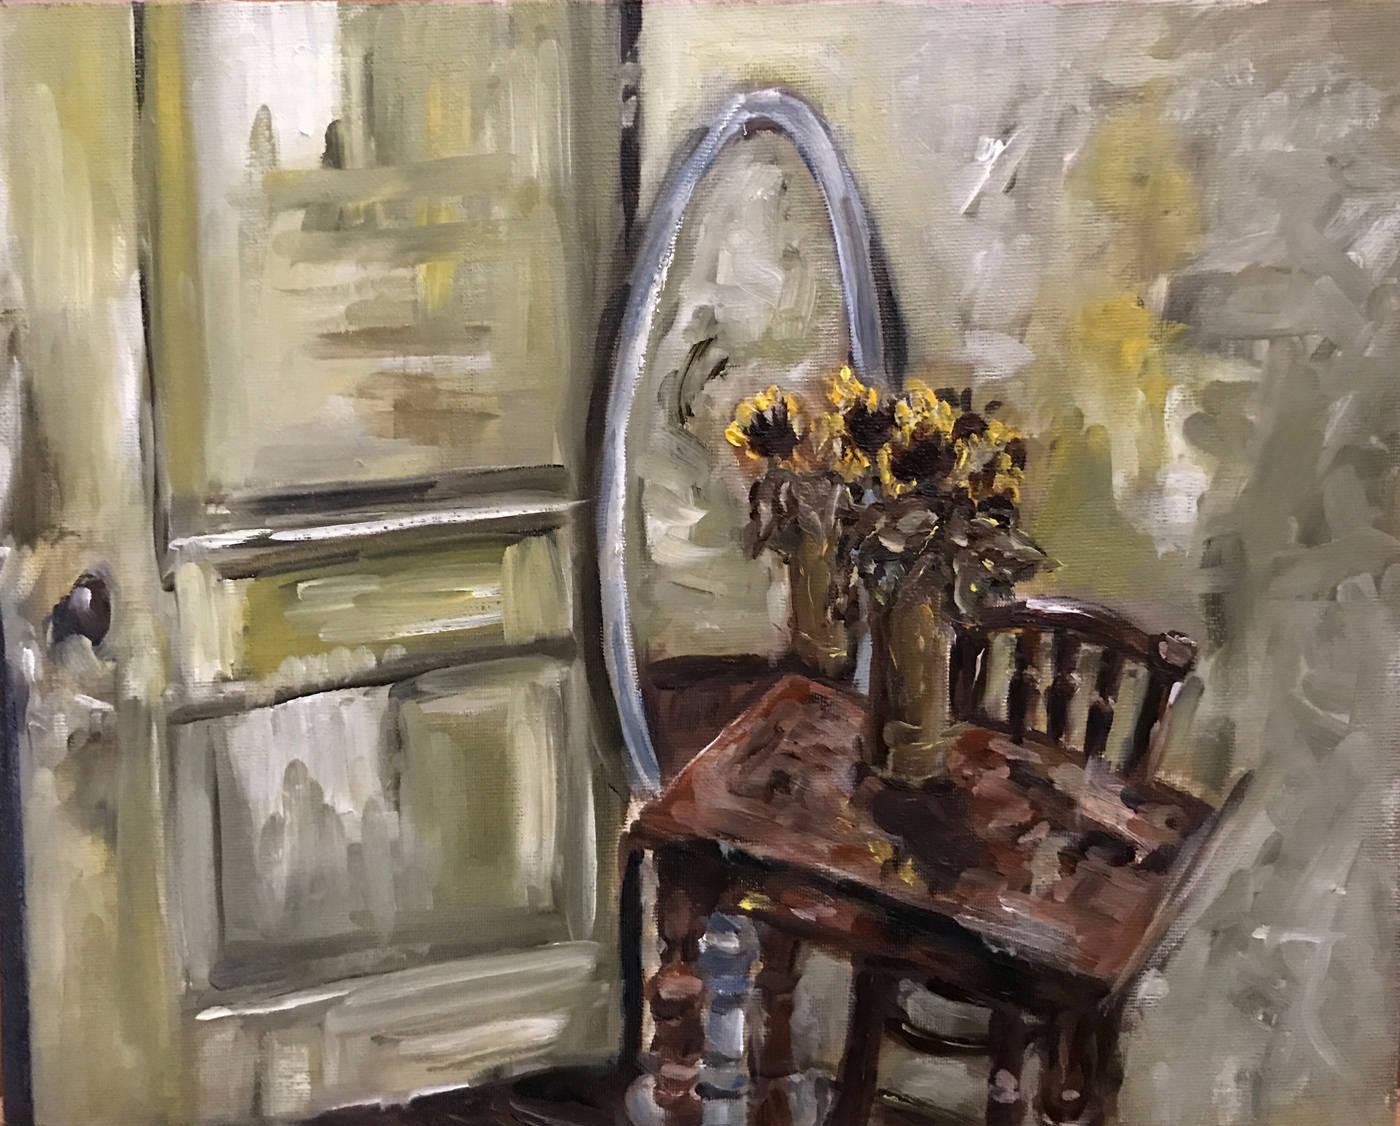 Olieverf schilderij zonnebloemen stilleven met groene deur en muur